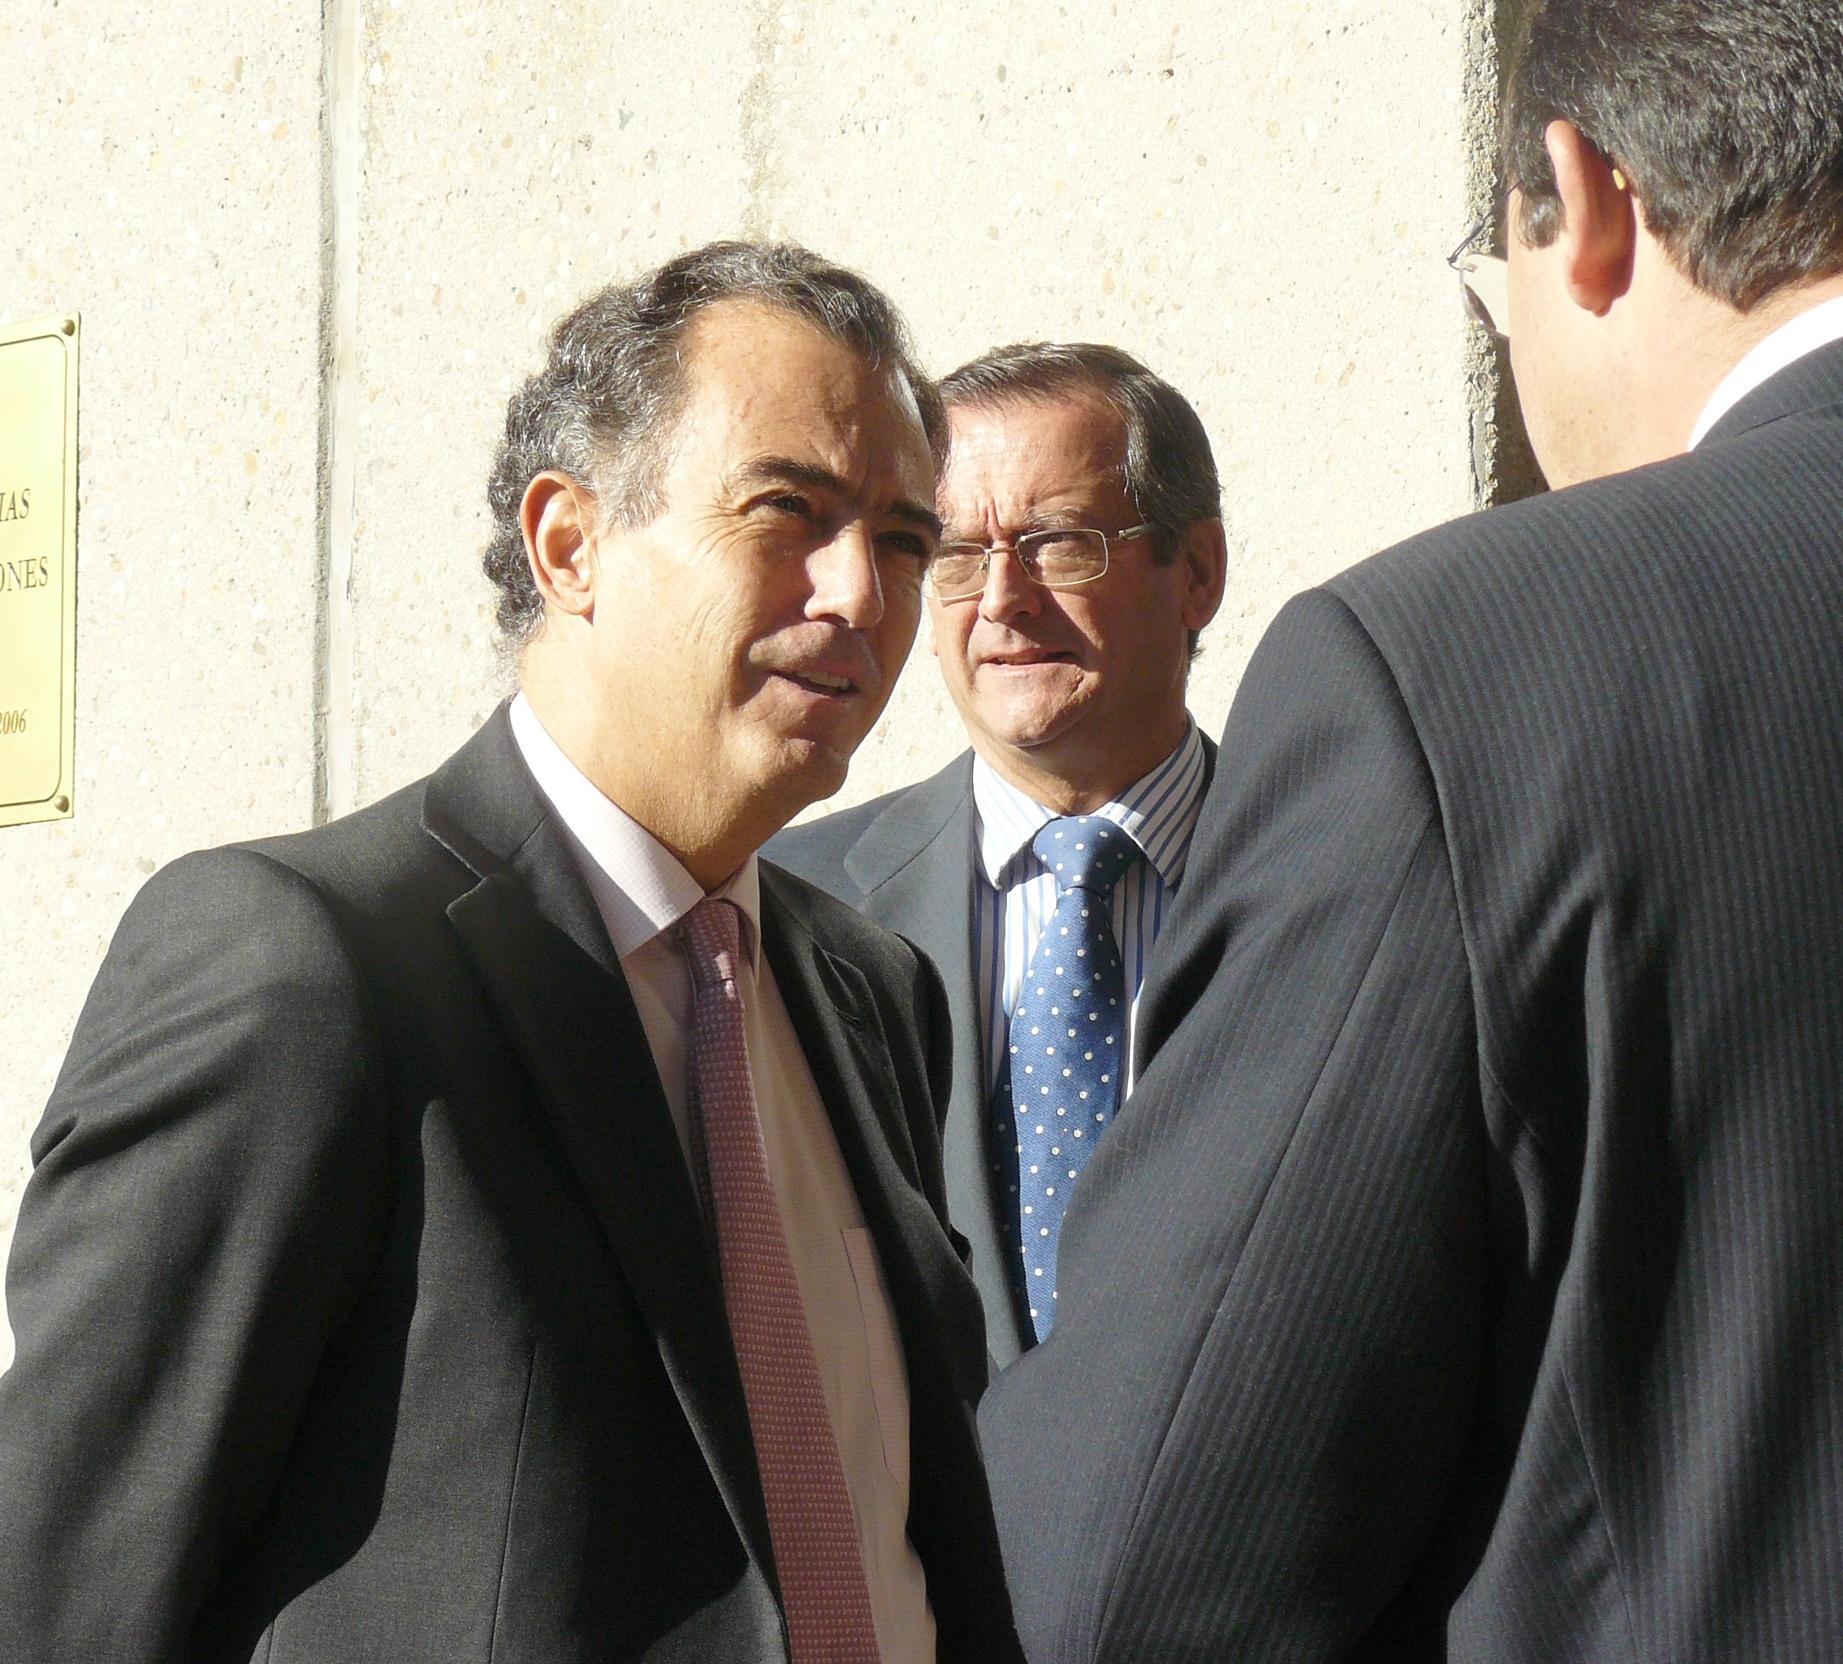 Ossorio asegura que la rebaja fiscal creará 13.600 puestos de trabajo e impulsará cuatro décimas la economía regional